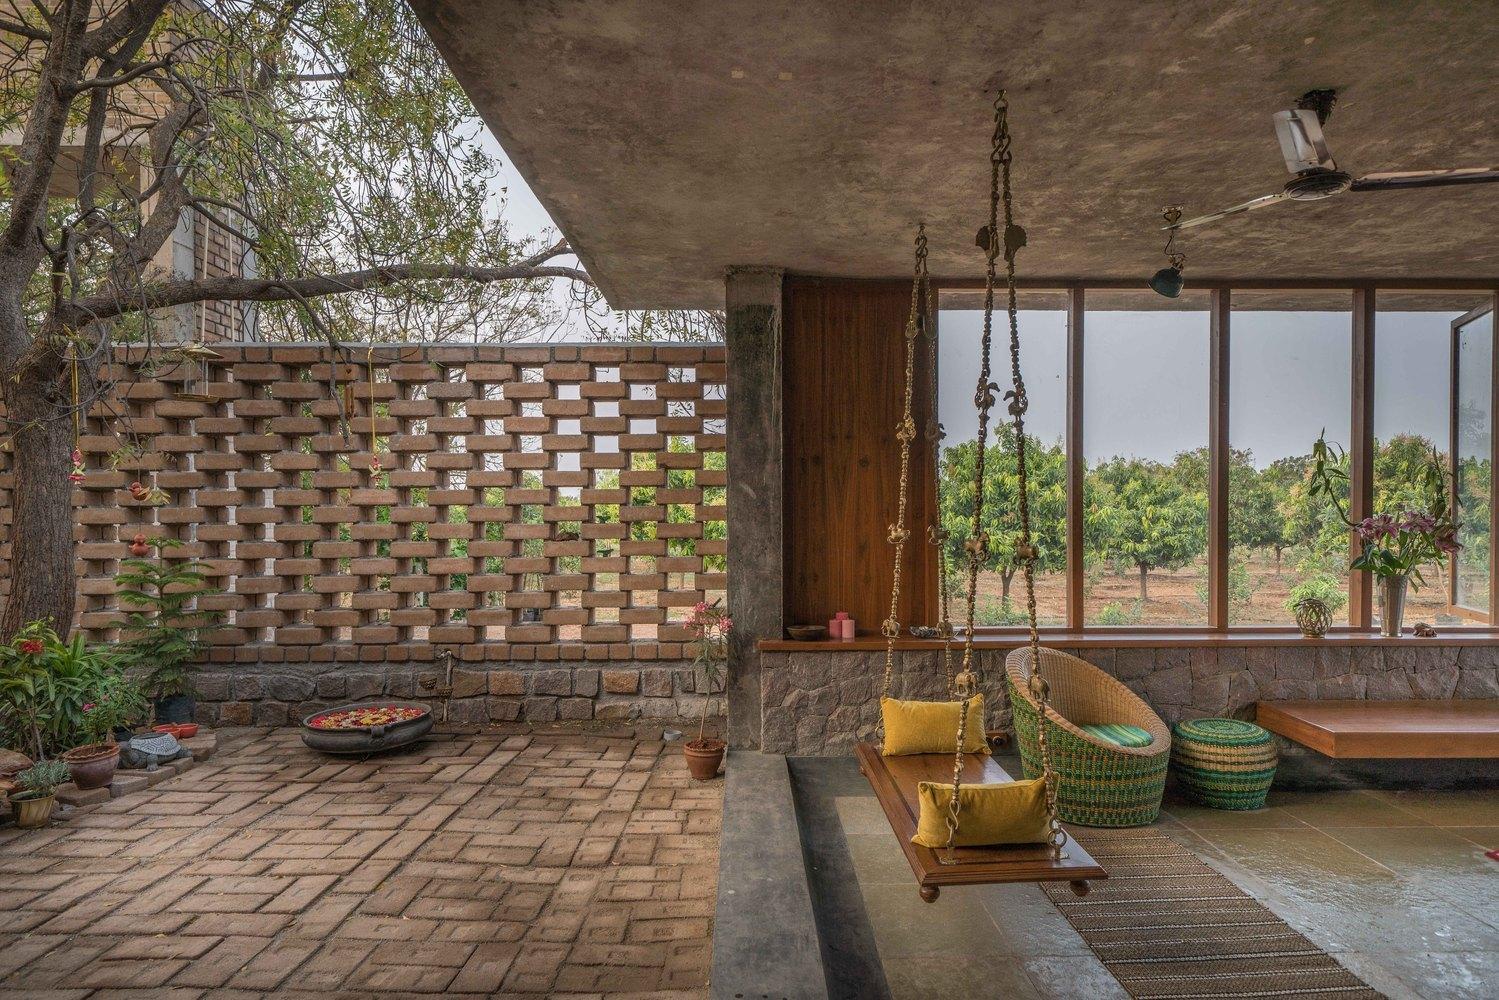 Os melhores projetos de arquitetura de 2020,© Ricken Desai